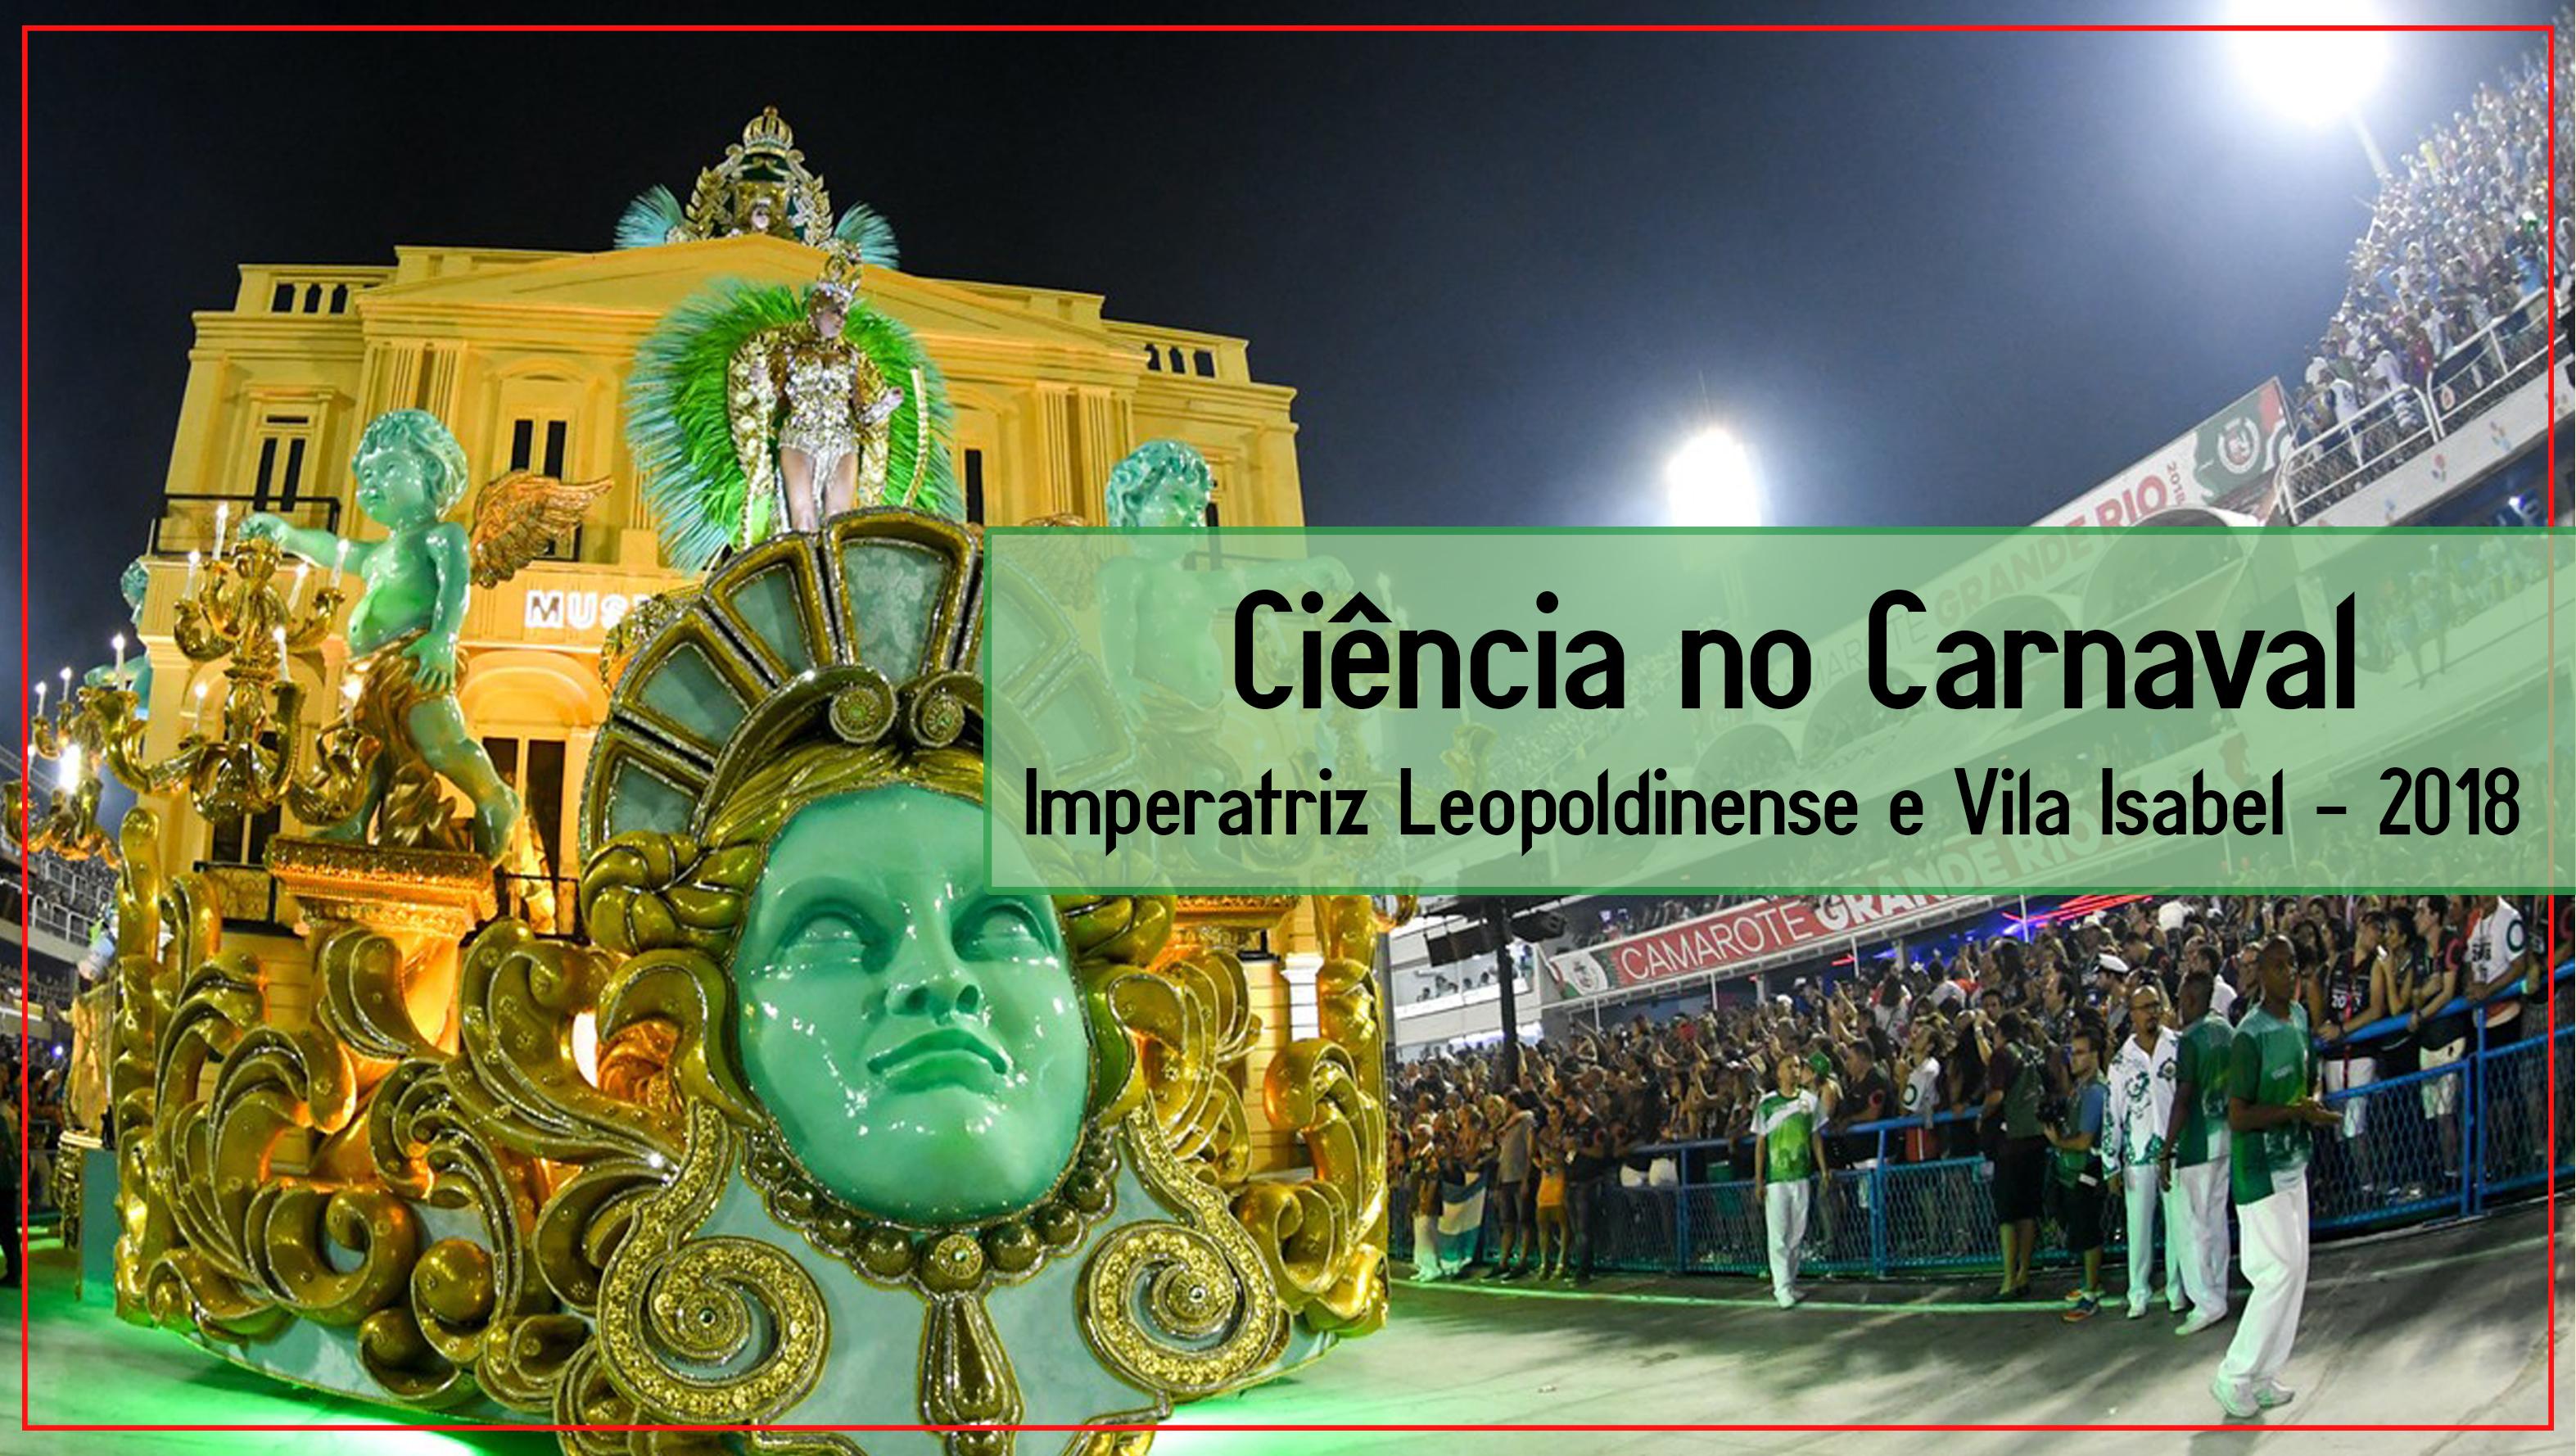 A Ciência no Carnaval